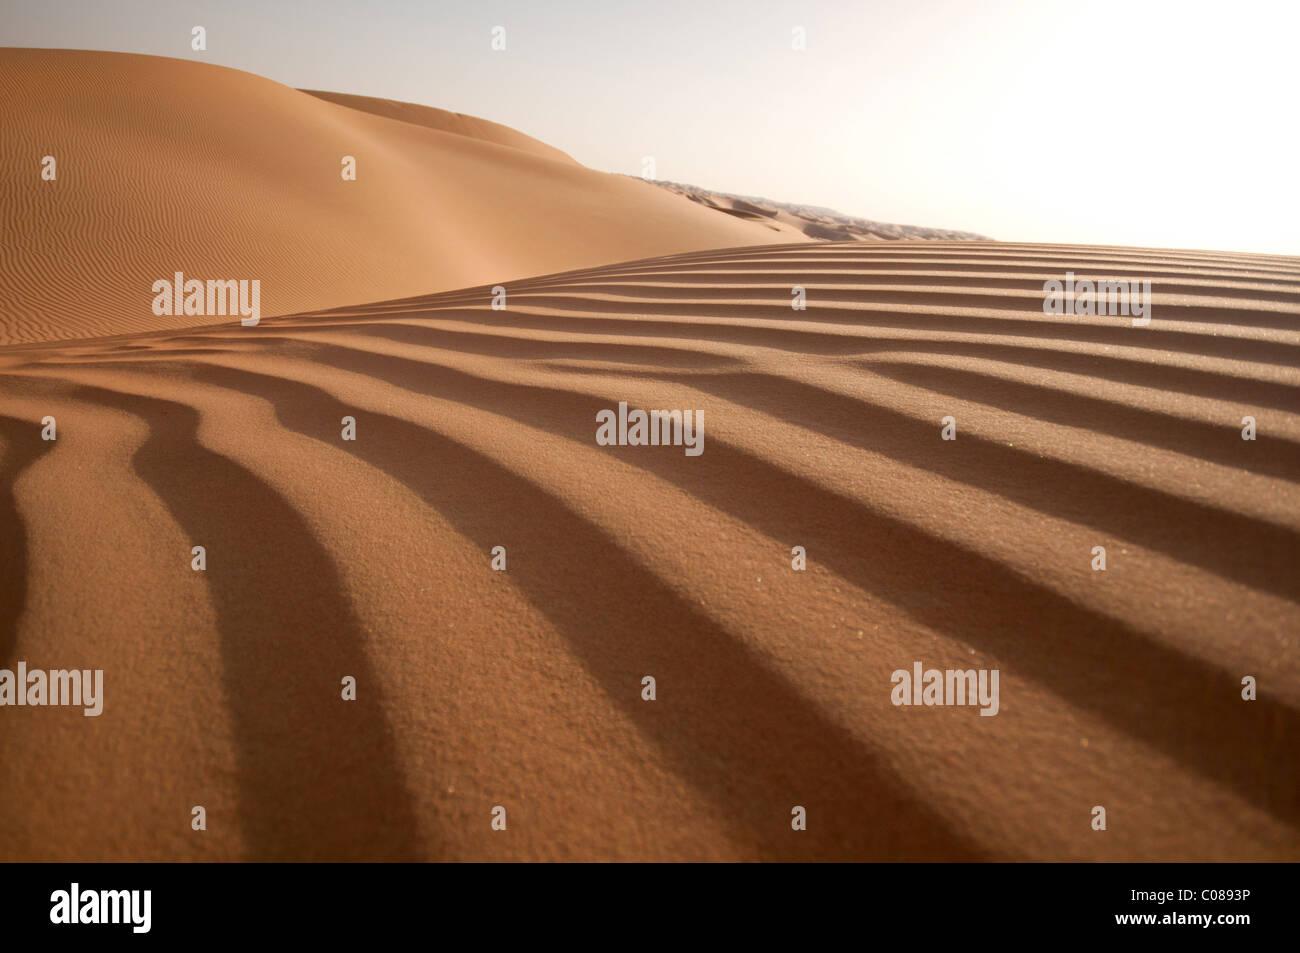 La formación de dunas de arena perfecta Foto de stock